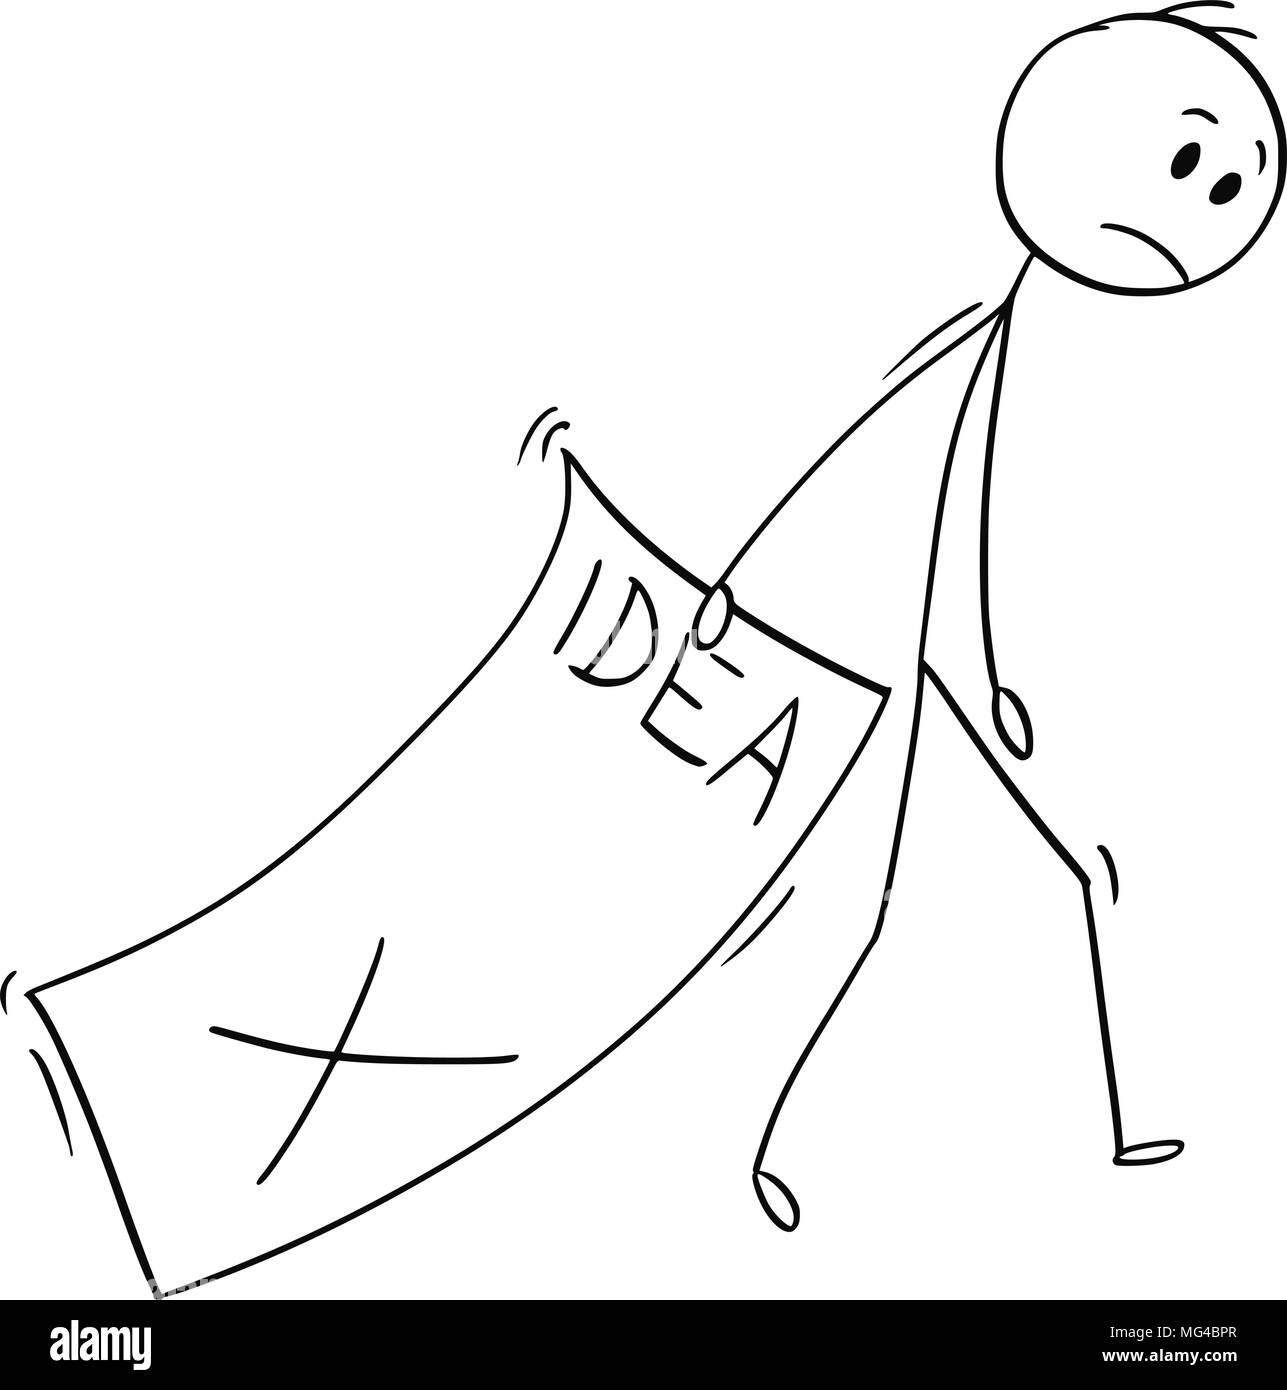 Caricature de l'homme triste des grandes feuilles de papier avec idée rejetée Photo Stock